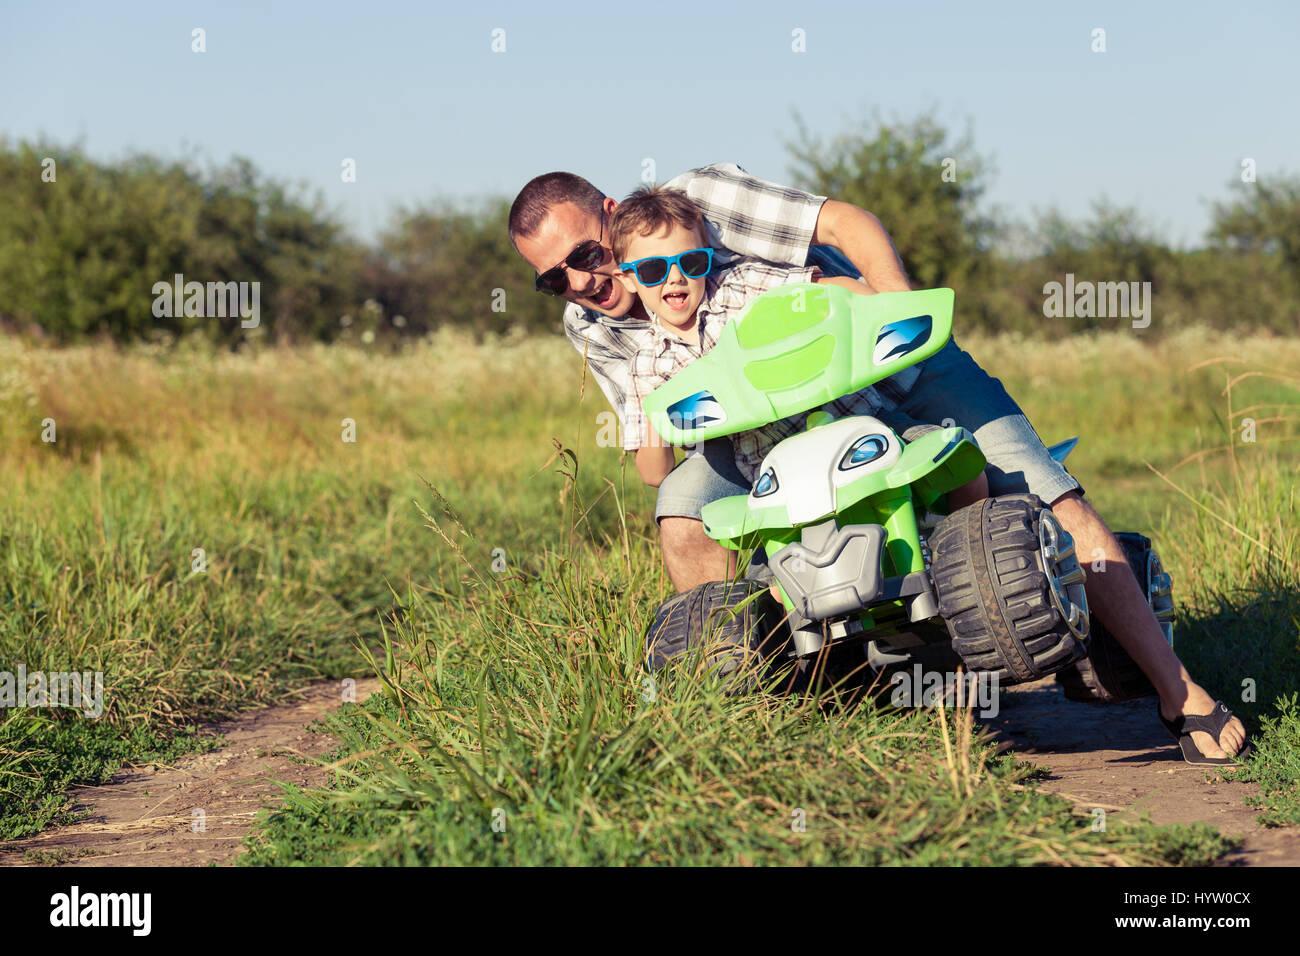 Père et fils jouant sur la route, à la journée. Ils la conduite sur quad dans le parc. Les gens s'amusant sur la Banque D'Images